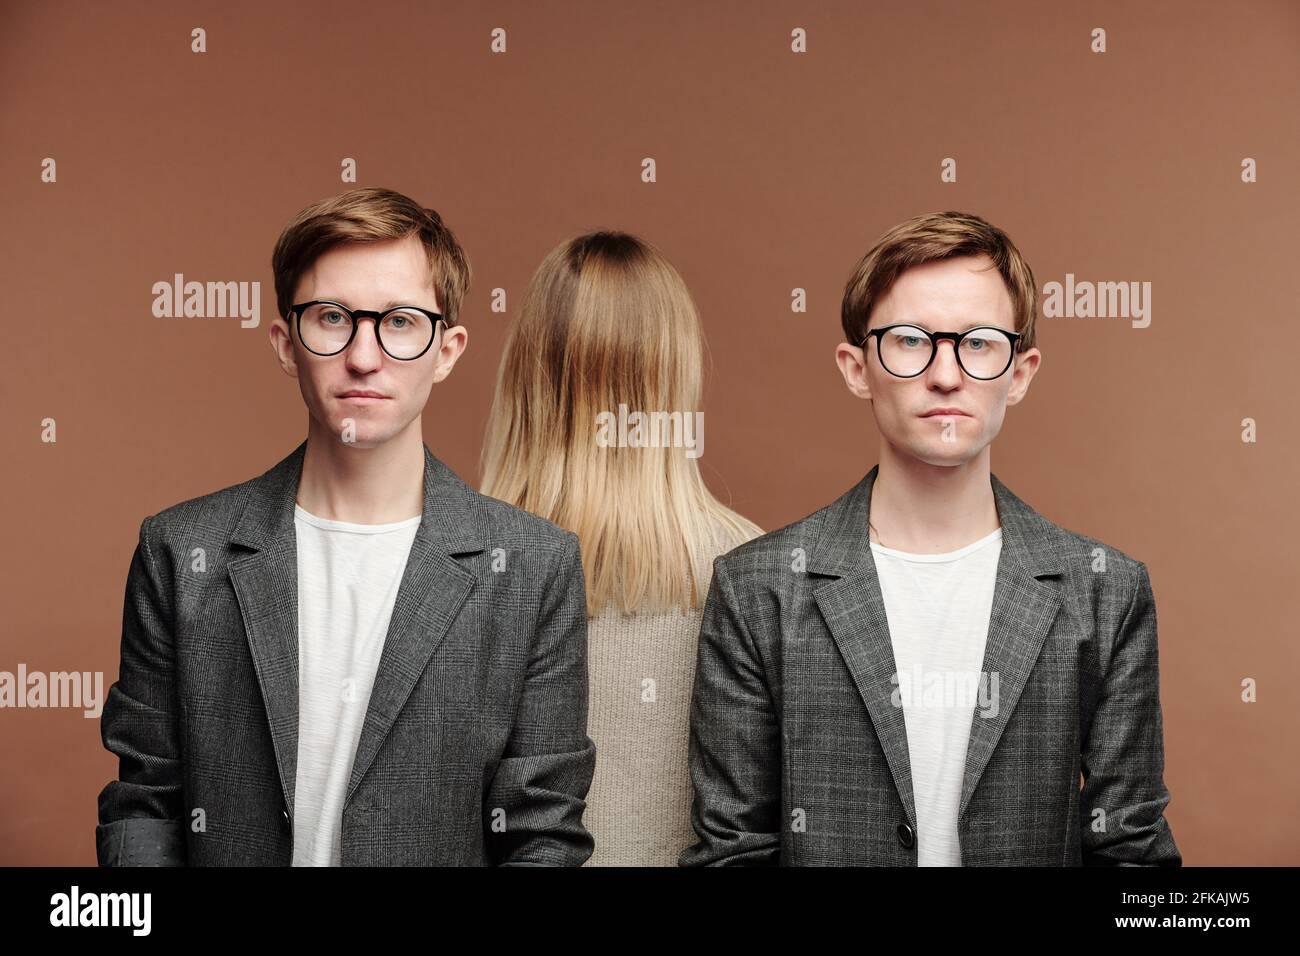 Portrait de jeunes jumeaux sérieux en costumes gris et lunettes debout contre la femme, concept de relation Banque D'Images